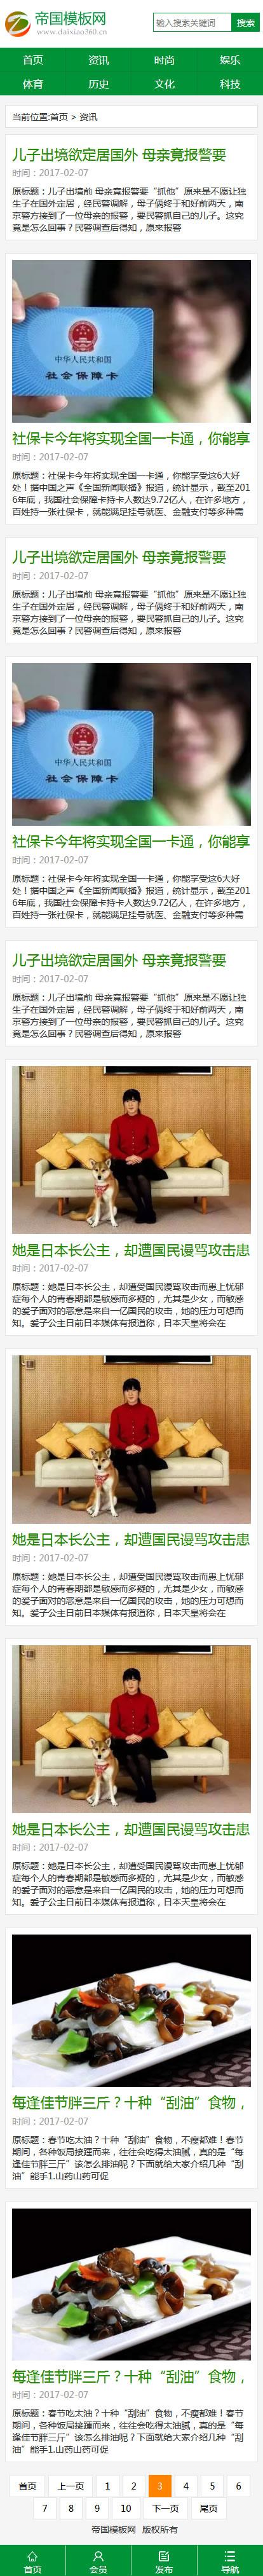 帝国cms新闻资讯类手机站网站模板_列表页